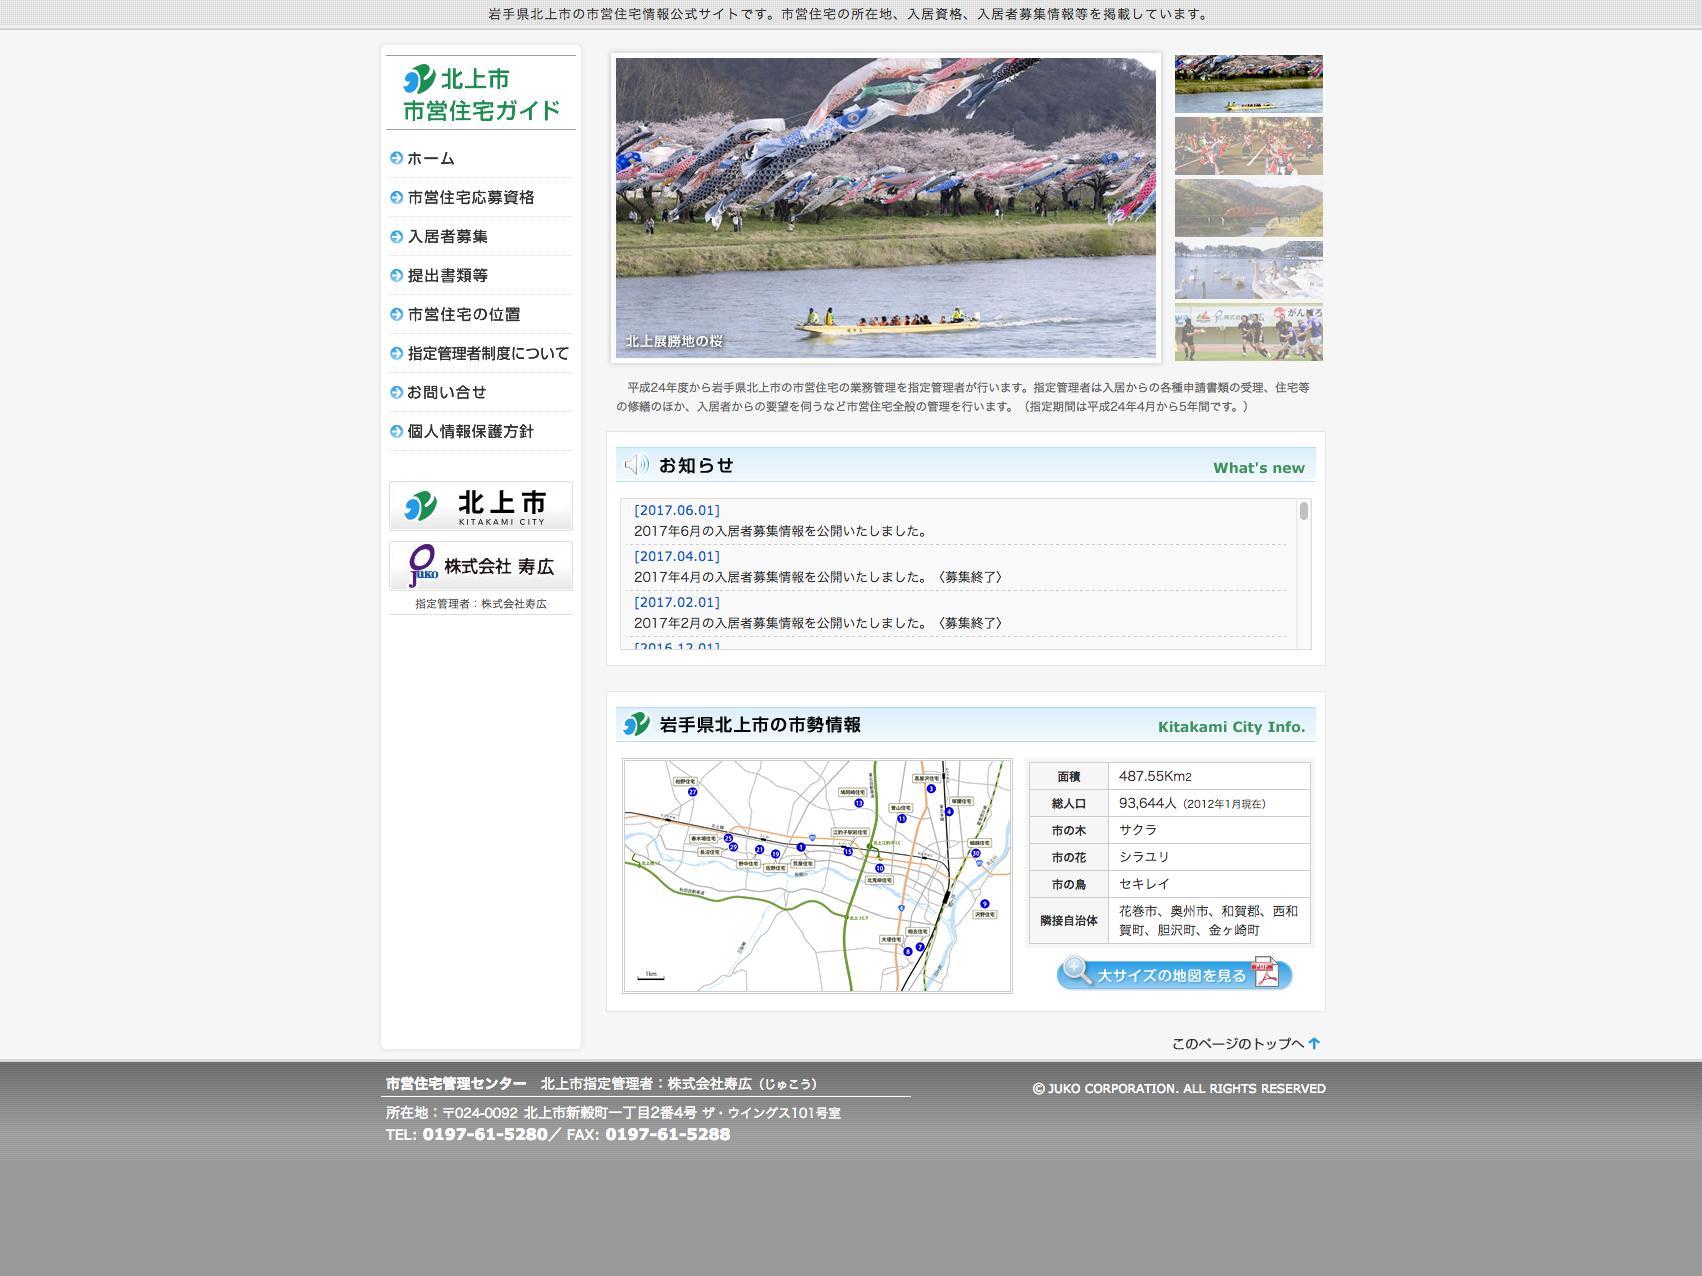 北上市 市営住宅ガイド